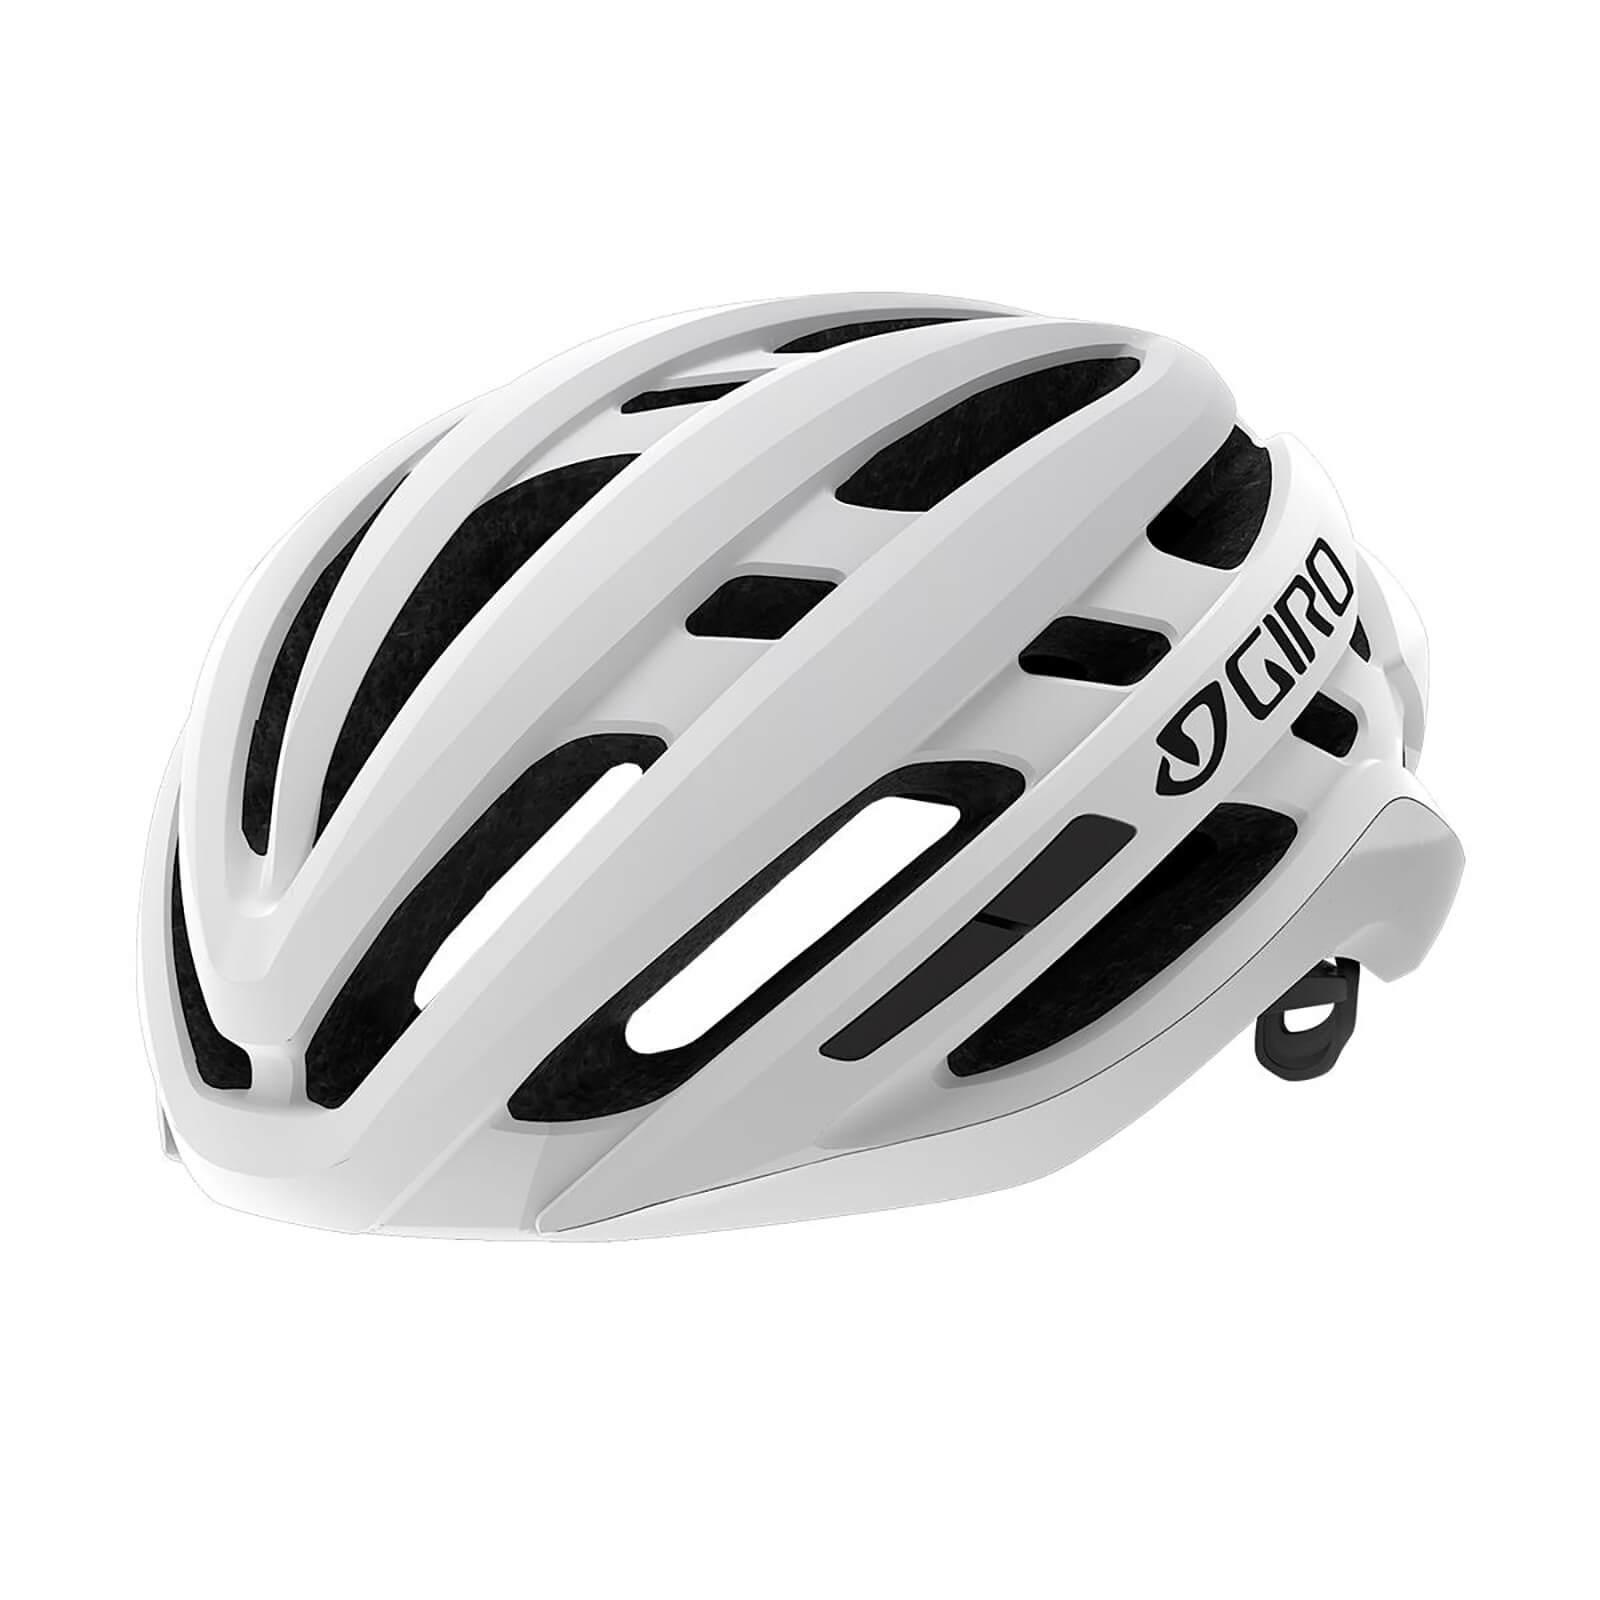 Giro Agilis MIPS Road Helmet - S/51-55cm - Matte White